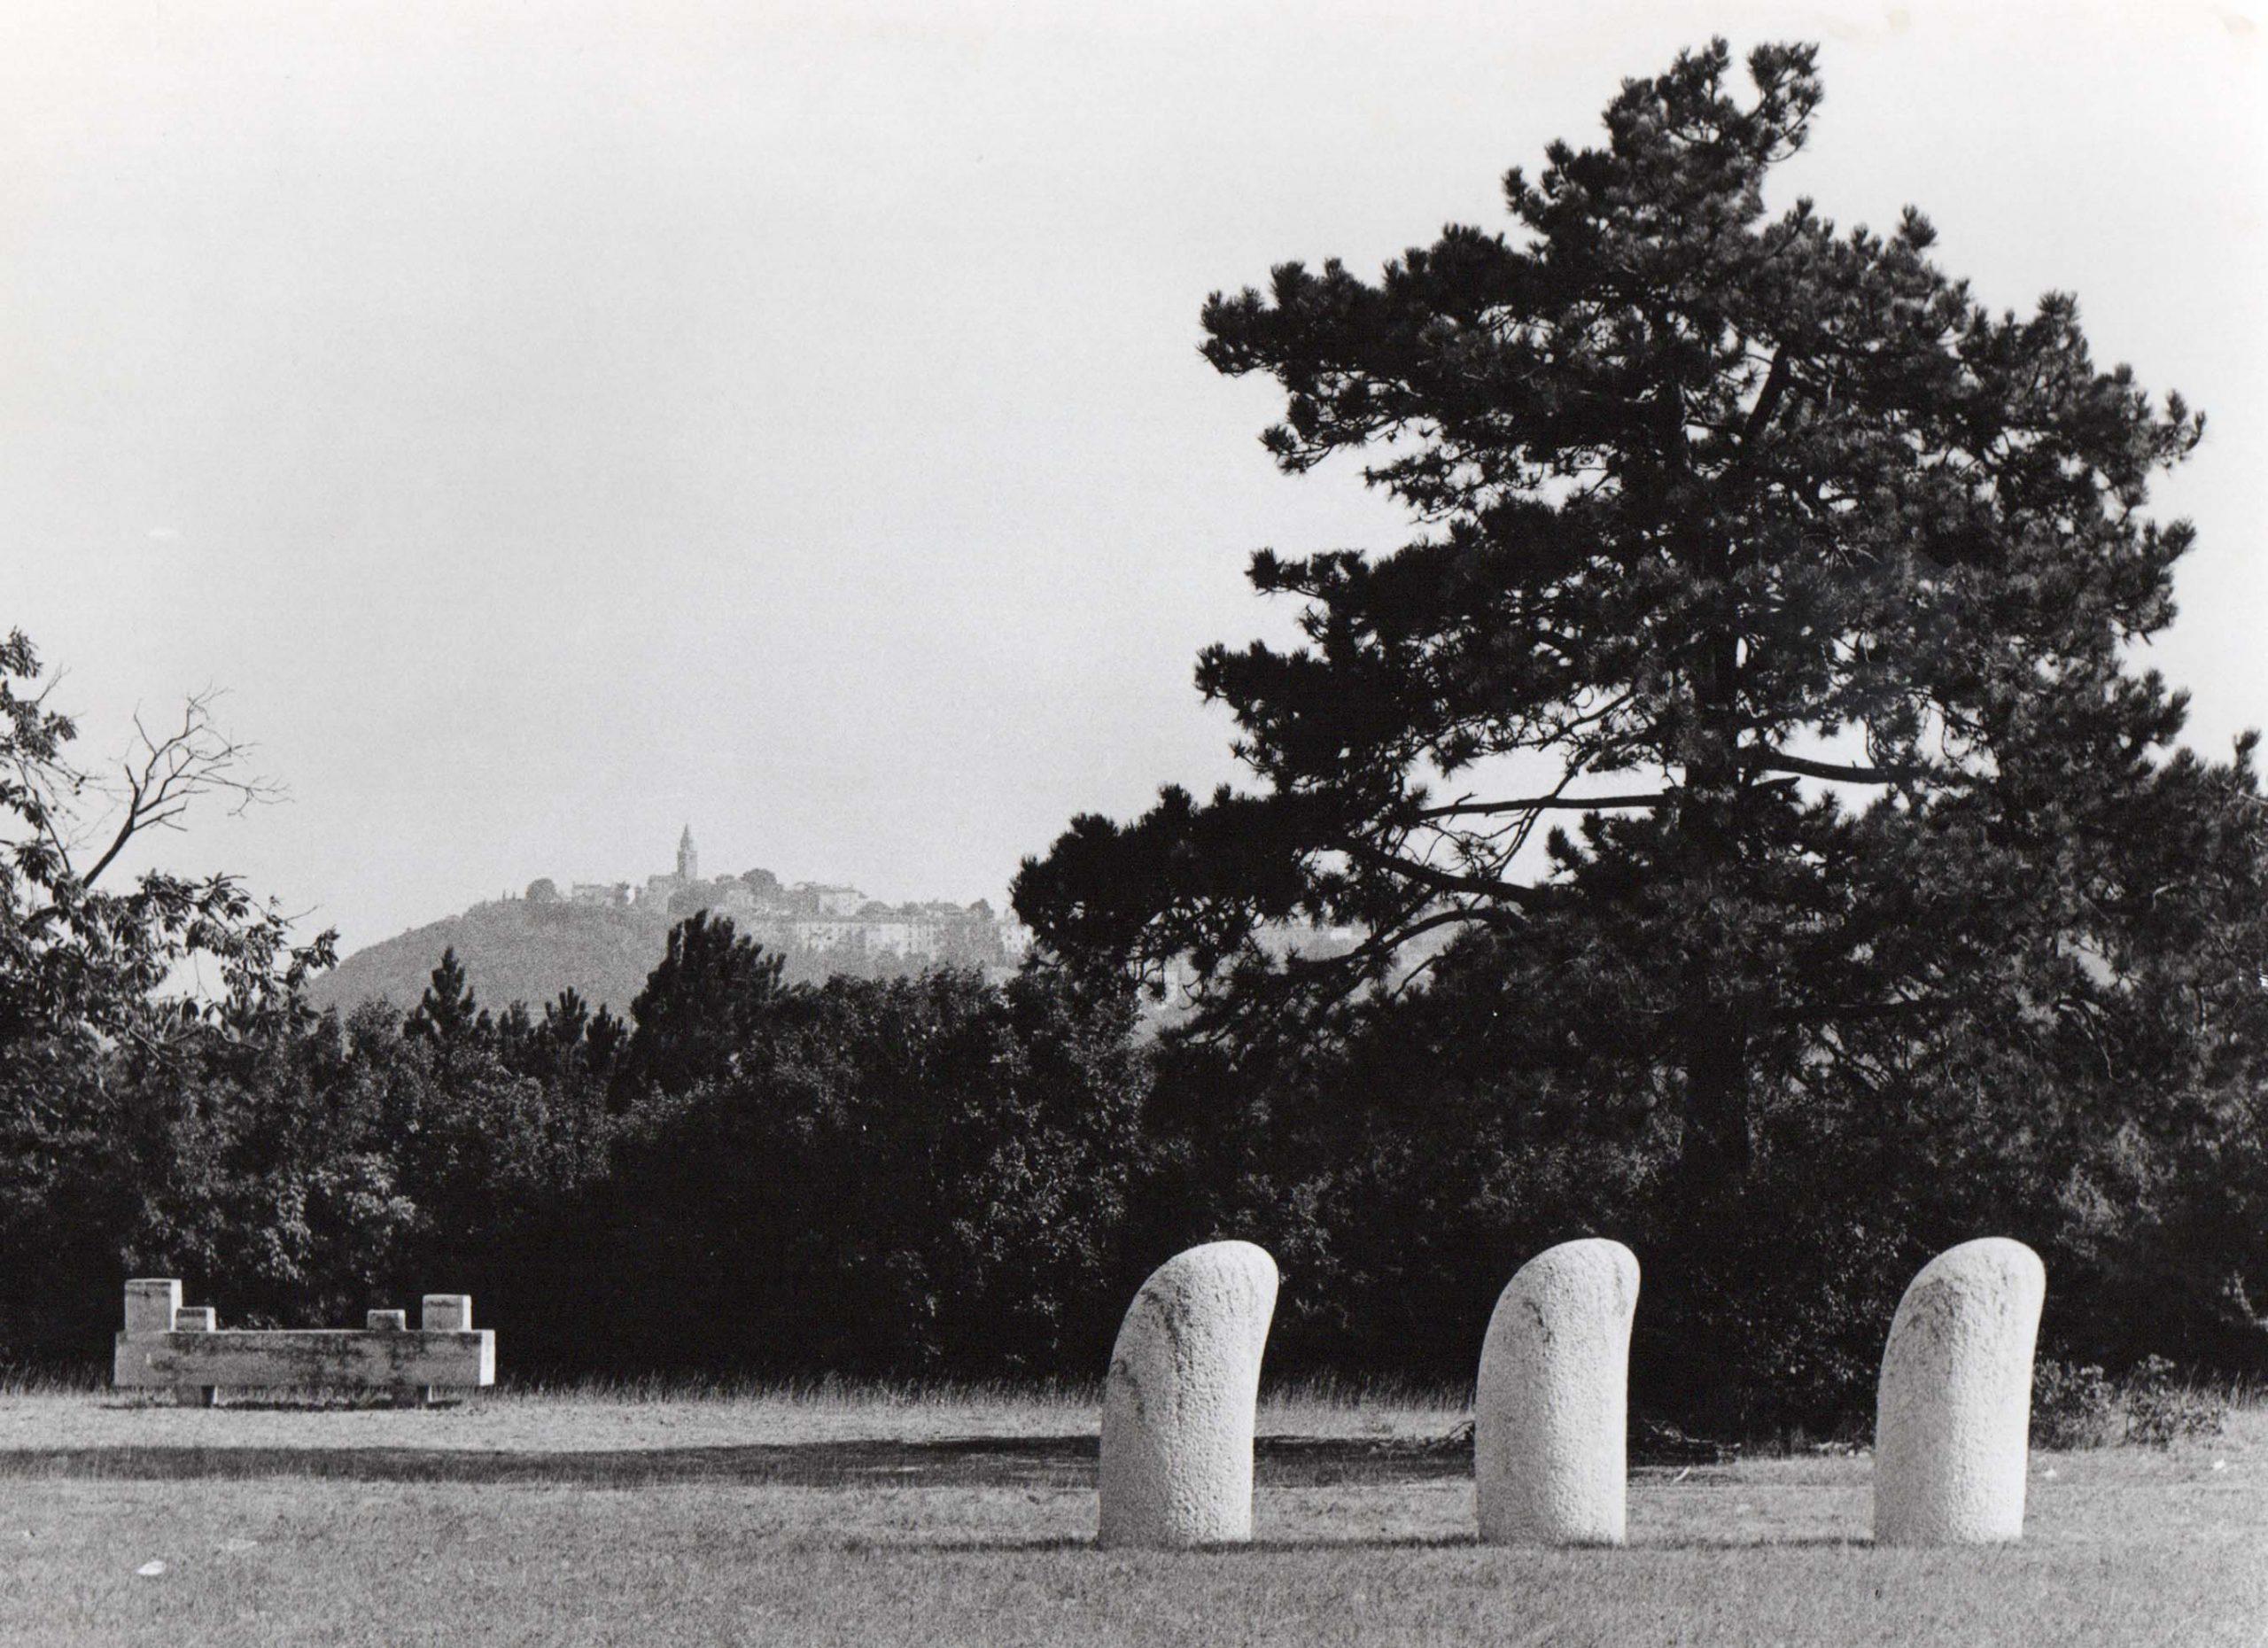 Ljubomir Denković, Triade, 1985